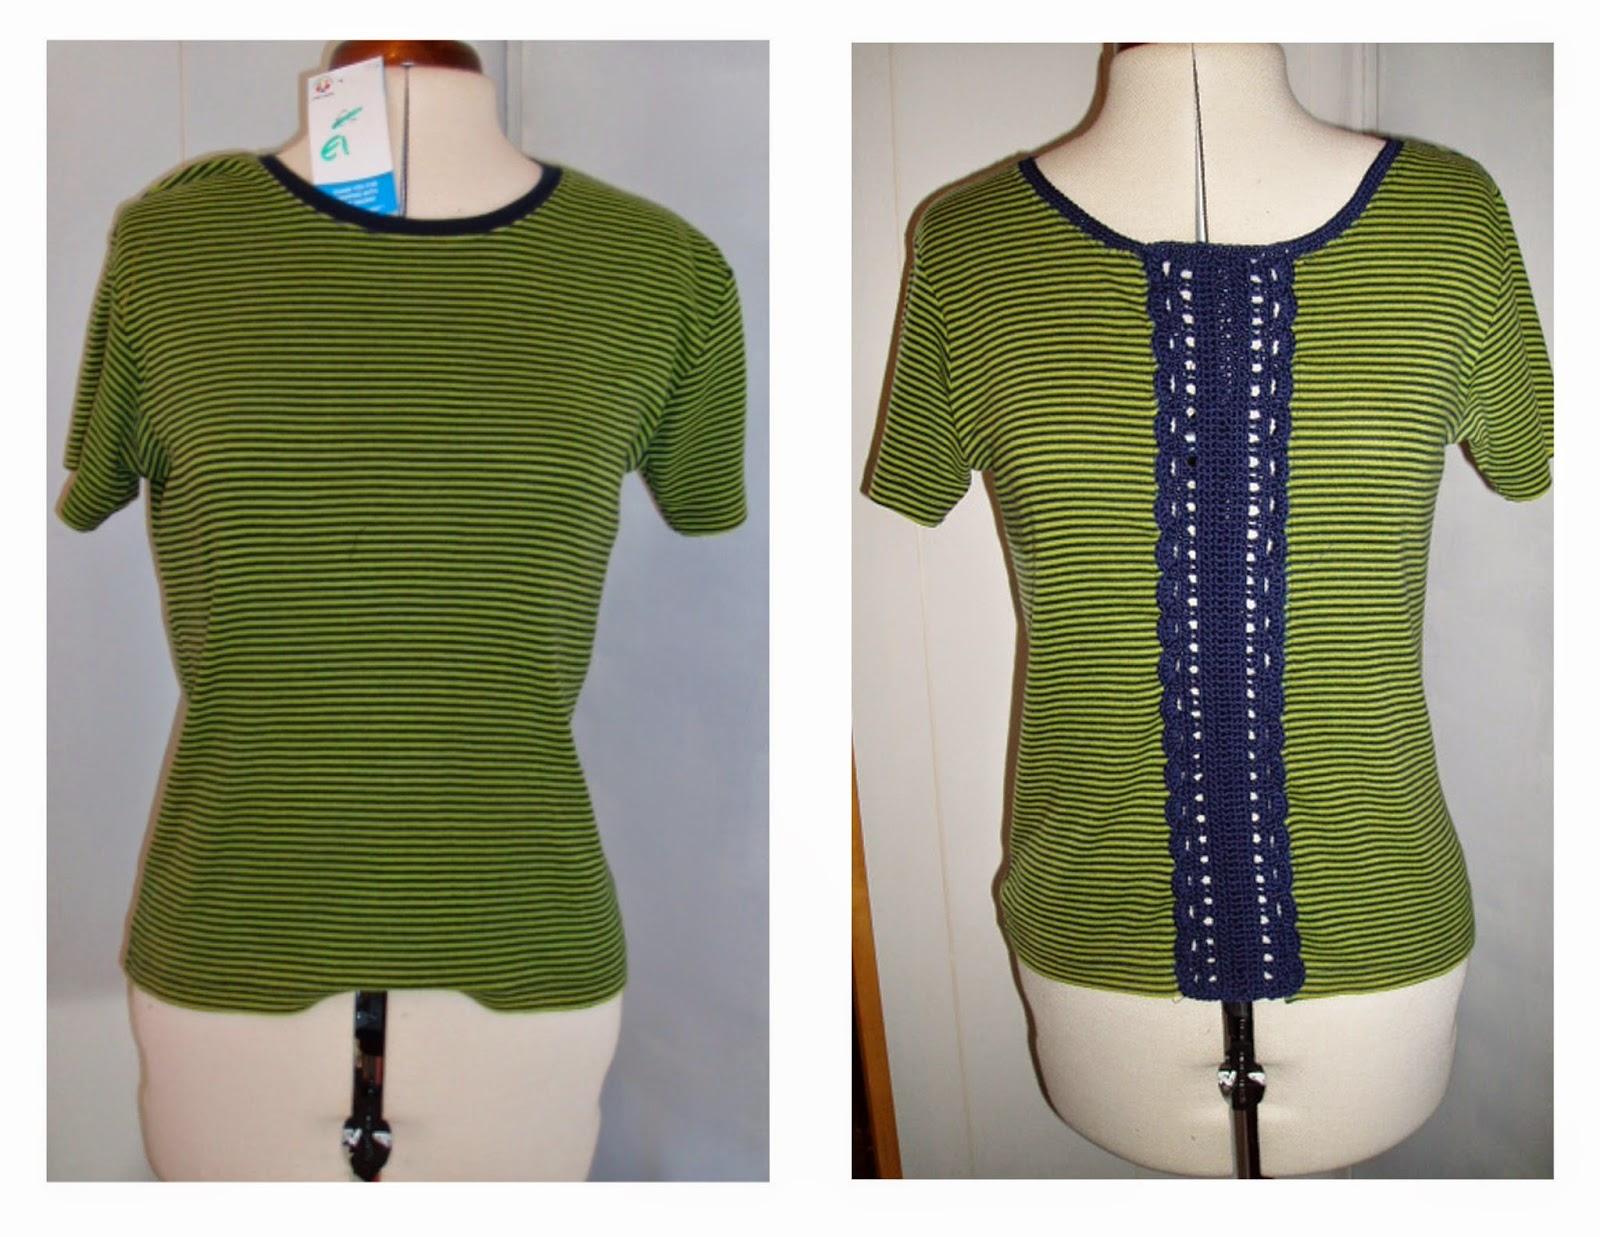 refashion upcycle tee shirt crochet panel